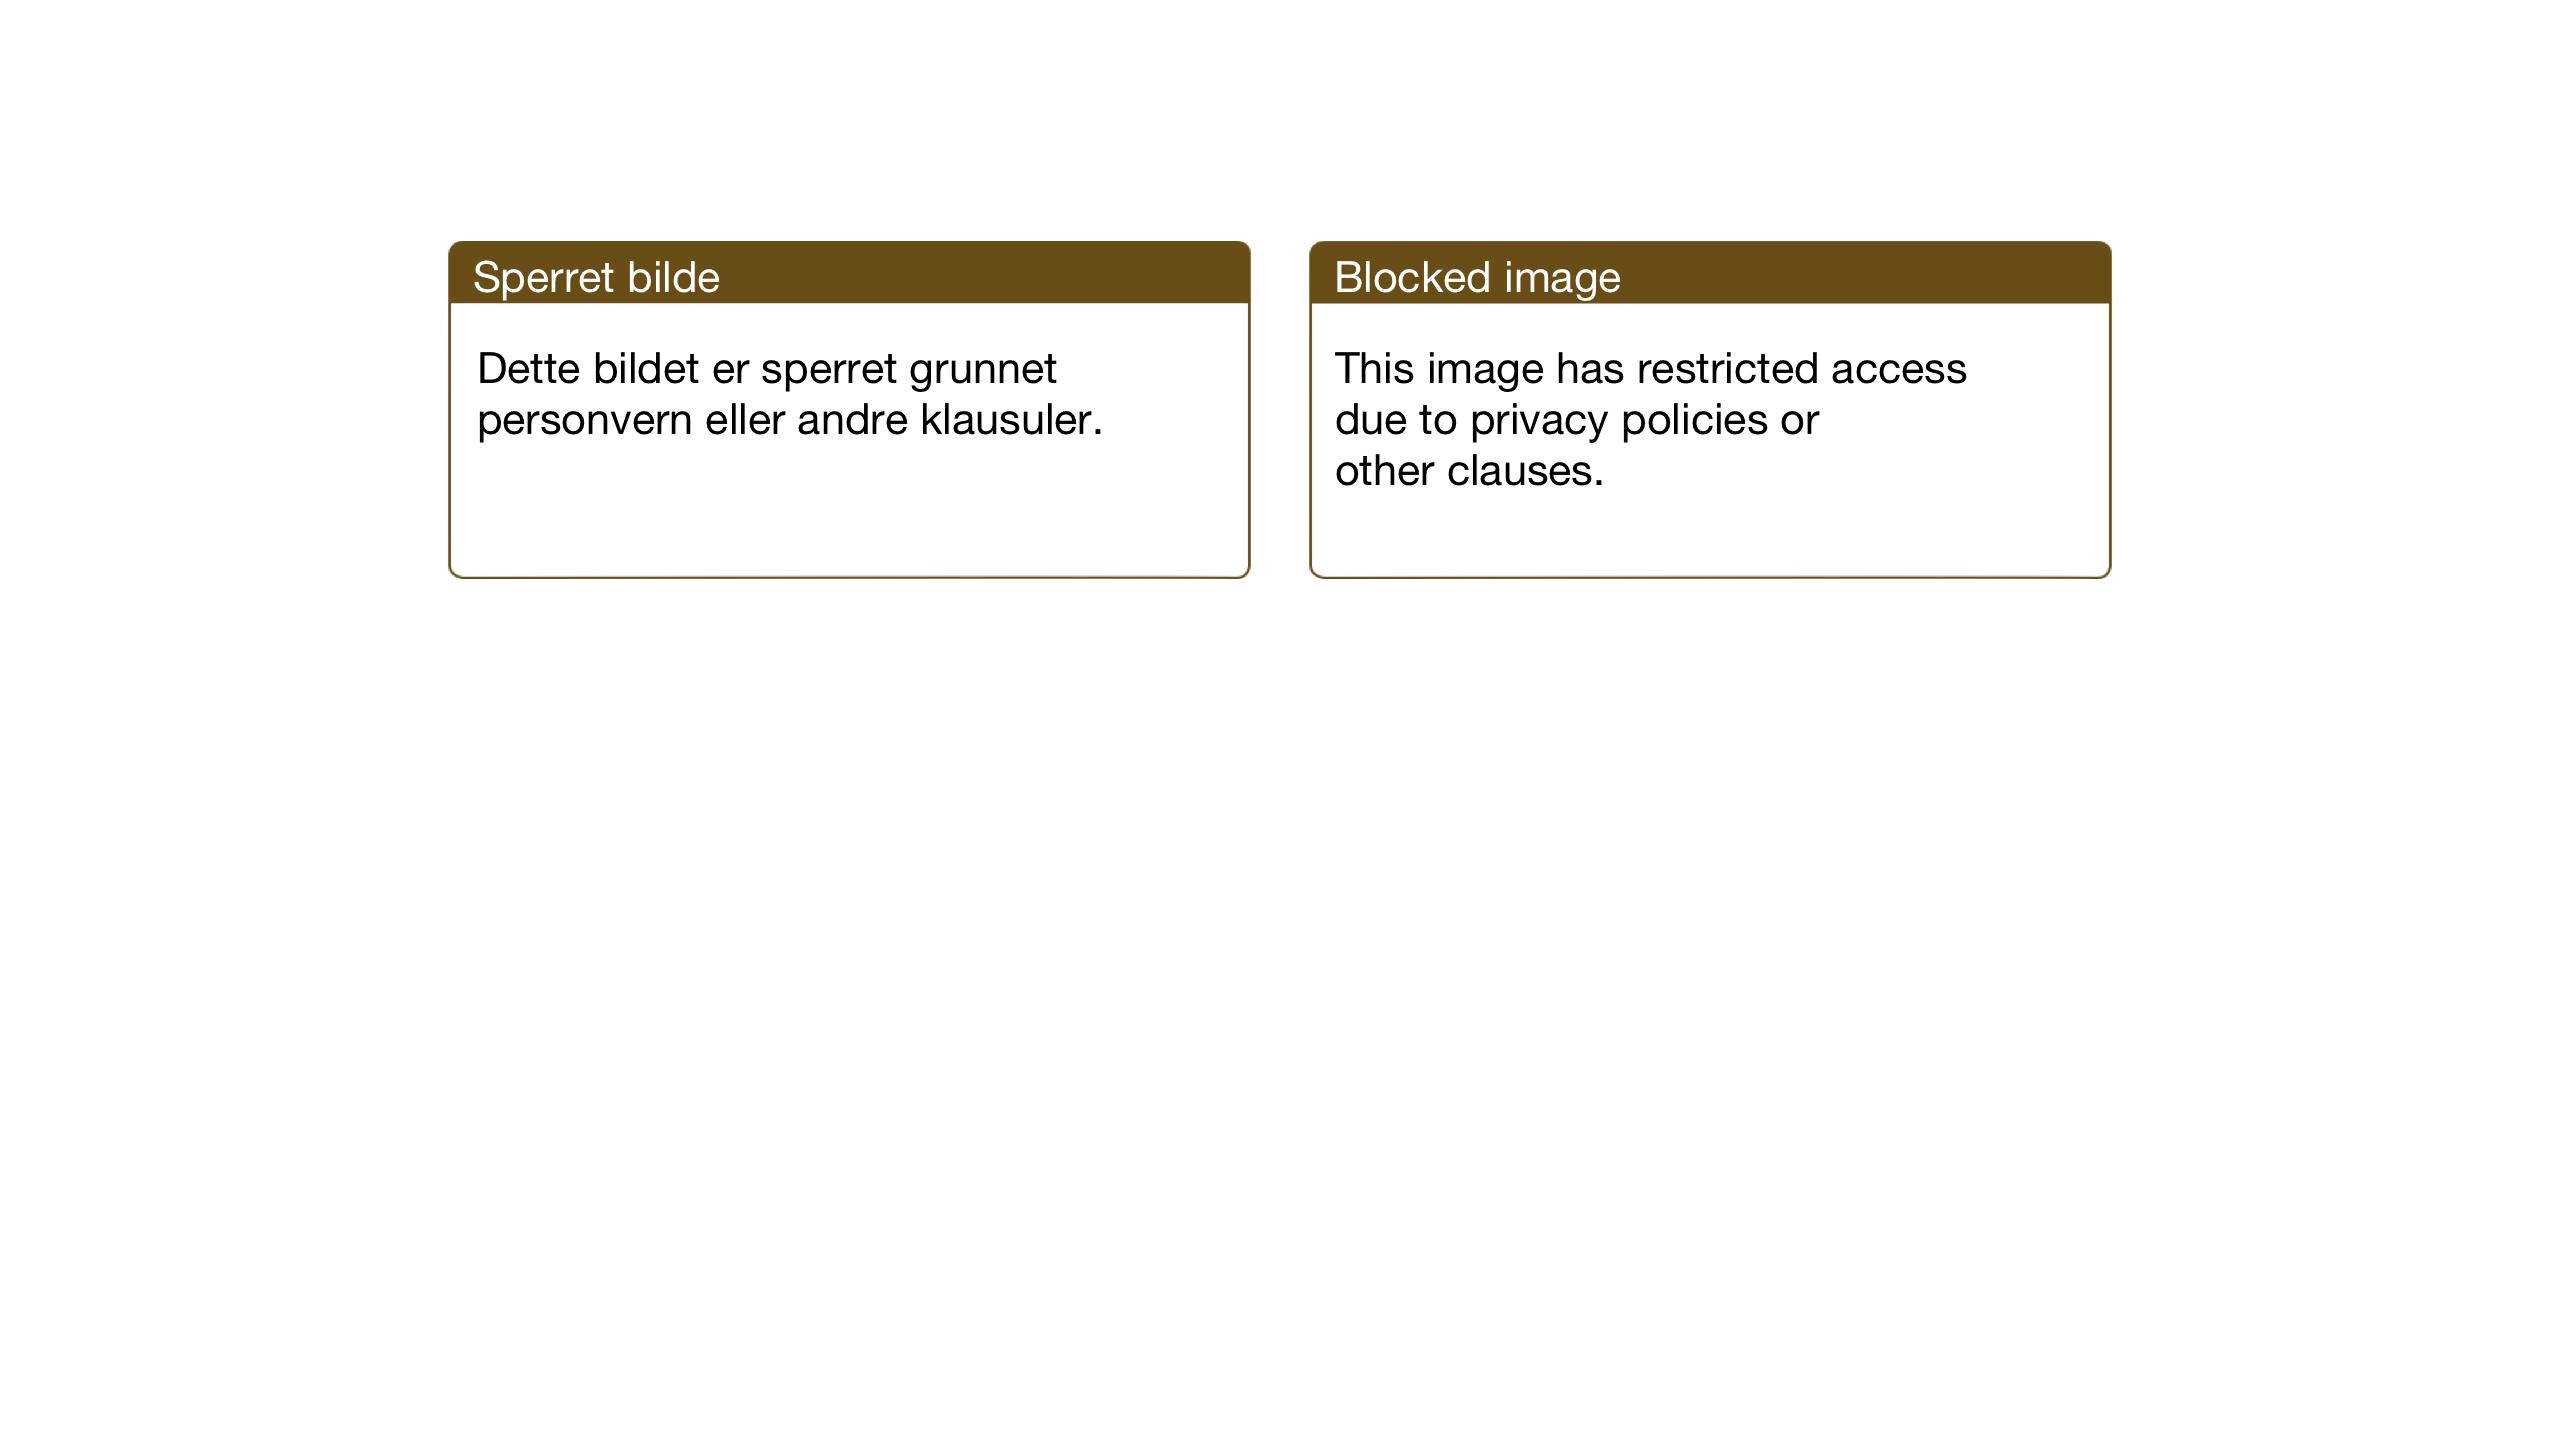 SAT, Ministerialprotokoller, klokkerbøker og fødselsregistre - Nord-Trøndelag, 774/L0631: Klokkerbok nr. 774C02, 1934-1950, s. 211